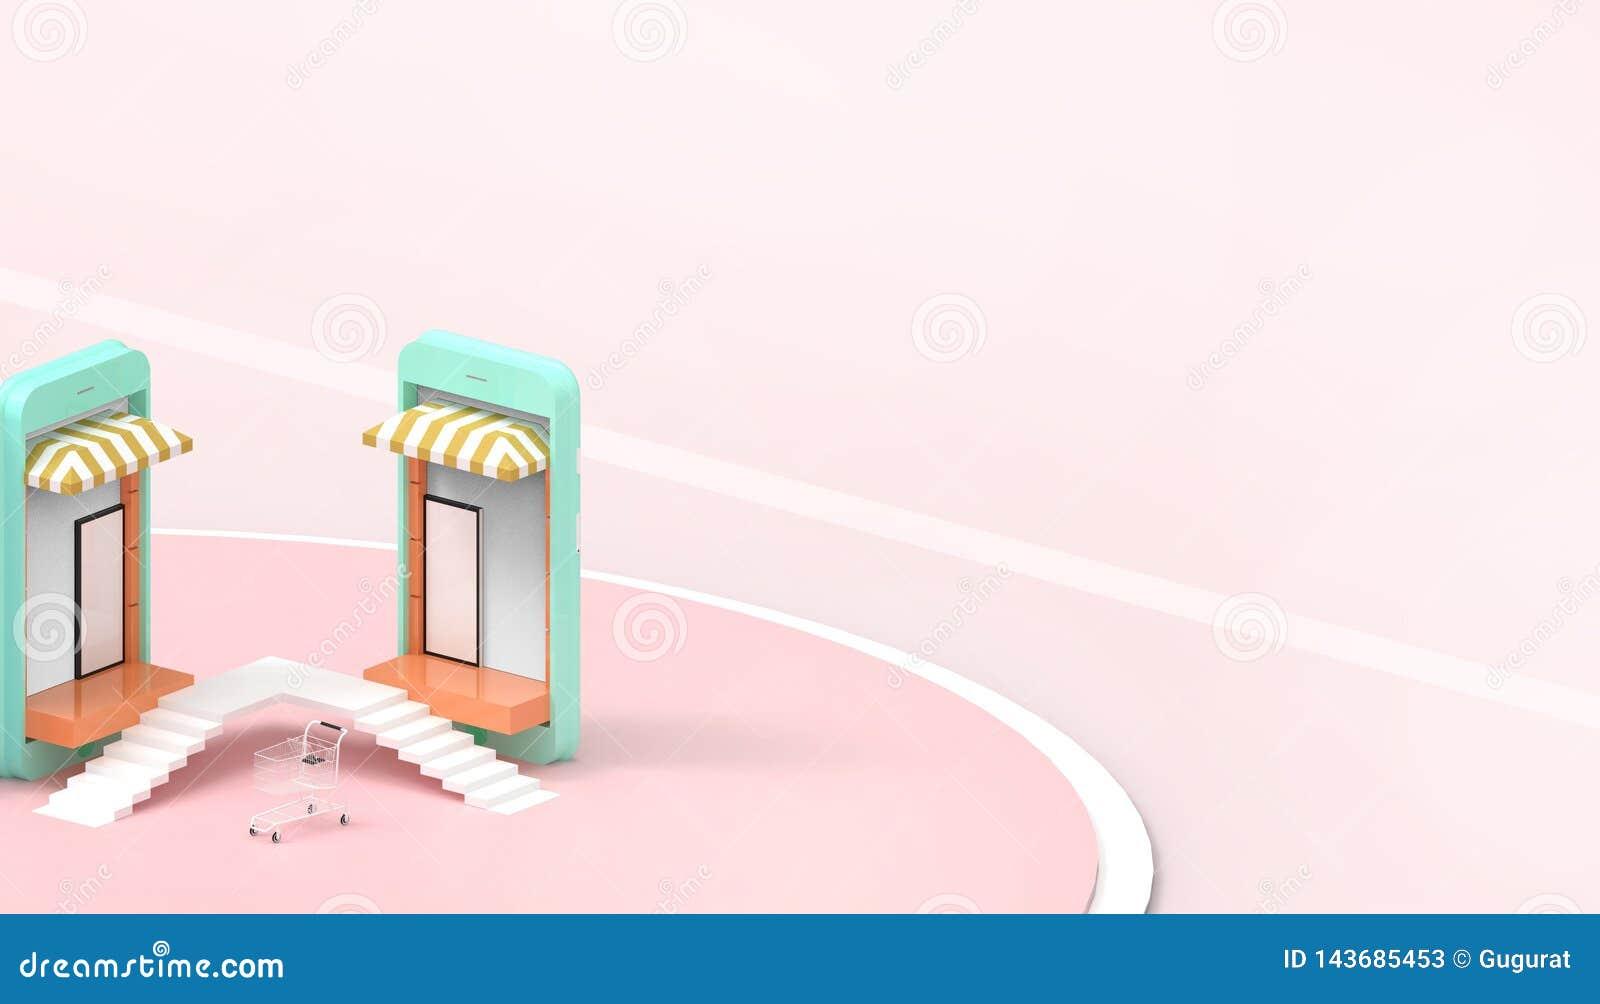 Vendas de compra em linha no Web site ou na aplicação móvel e Digitas que introduzem no mercado o fundo cor-de-rosa pastel mínimo